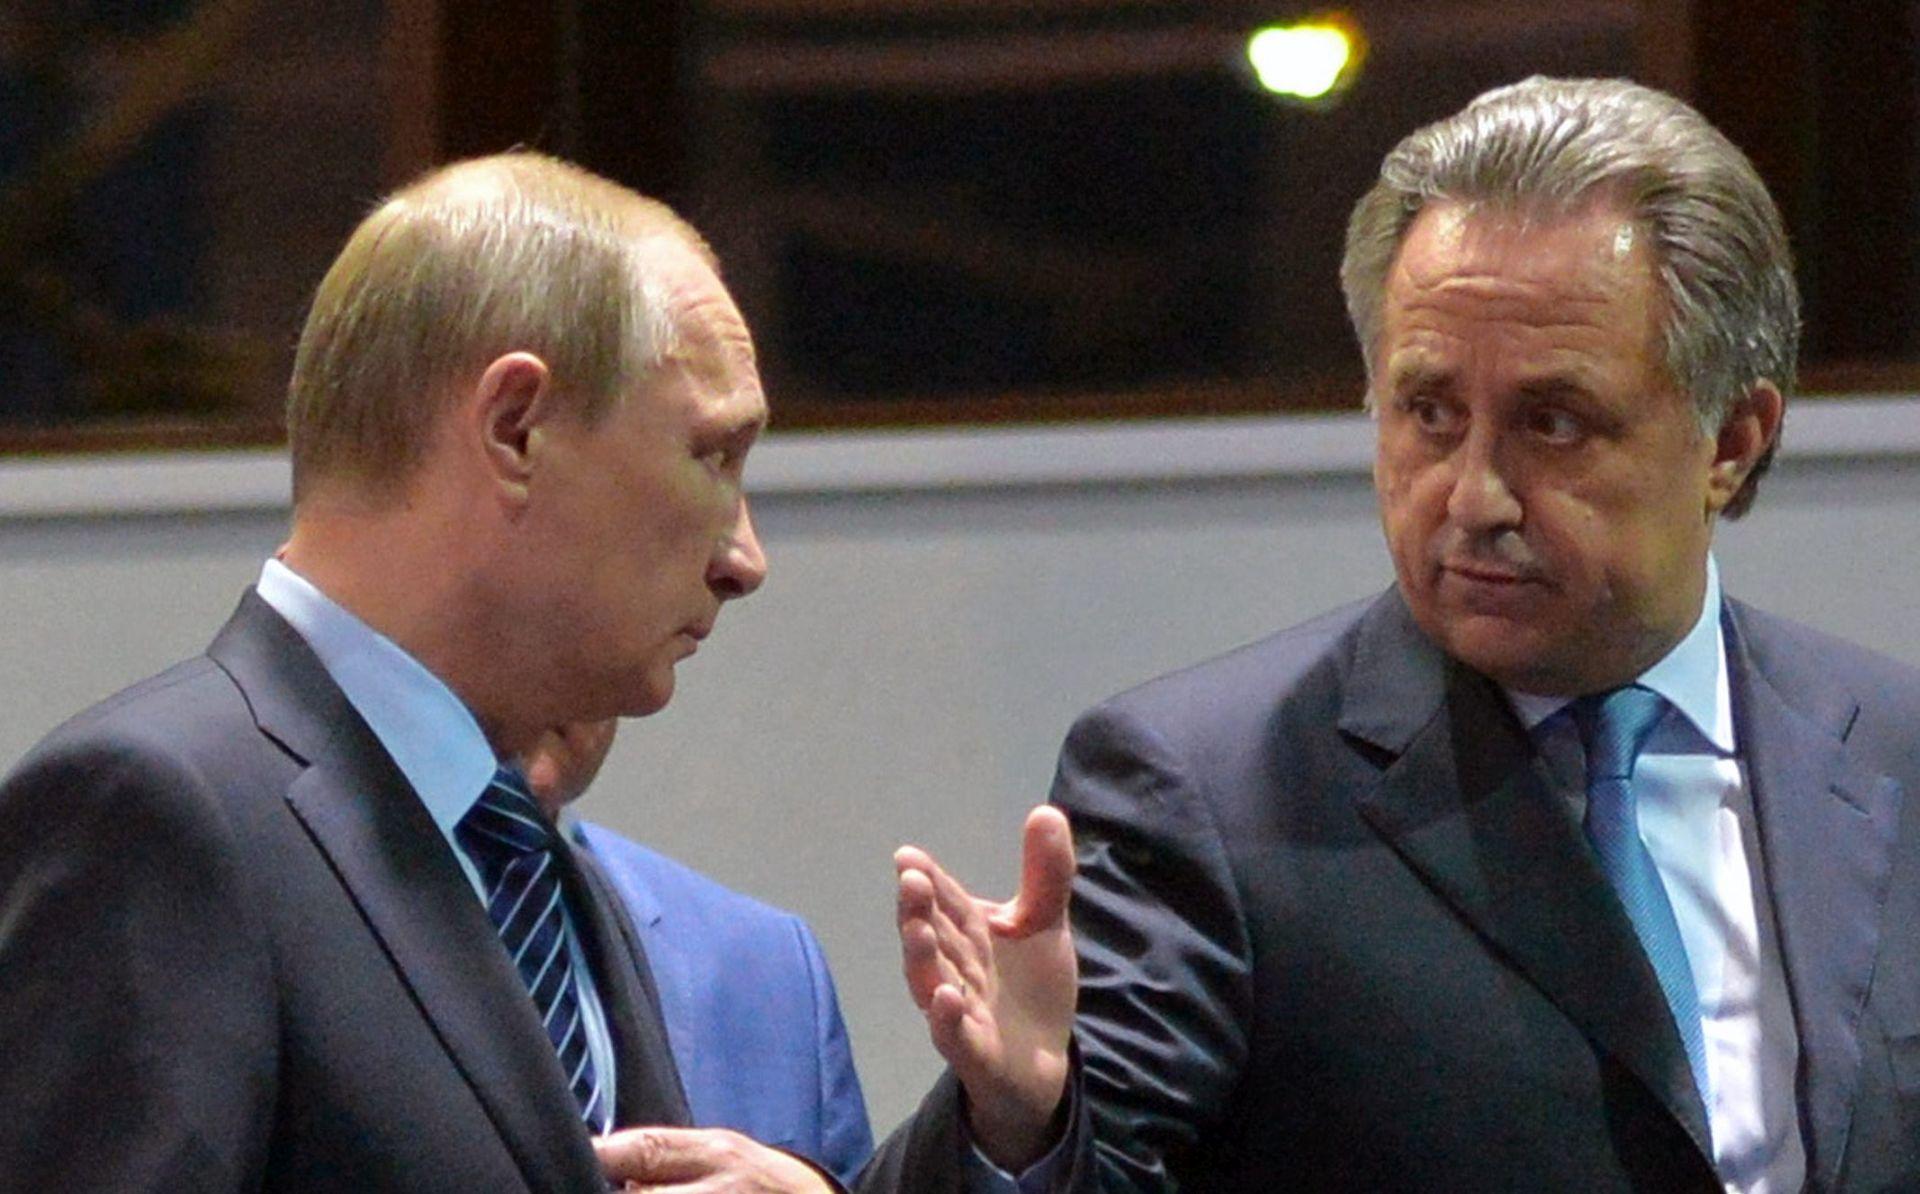 Doping: Ruski ministar sporta najavio potpunu suradnju s međunarodnim organizacijama